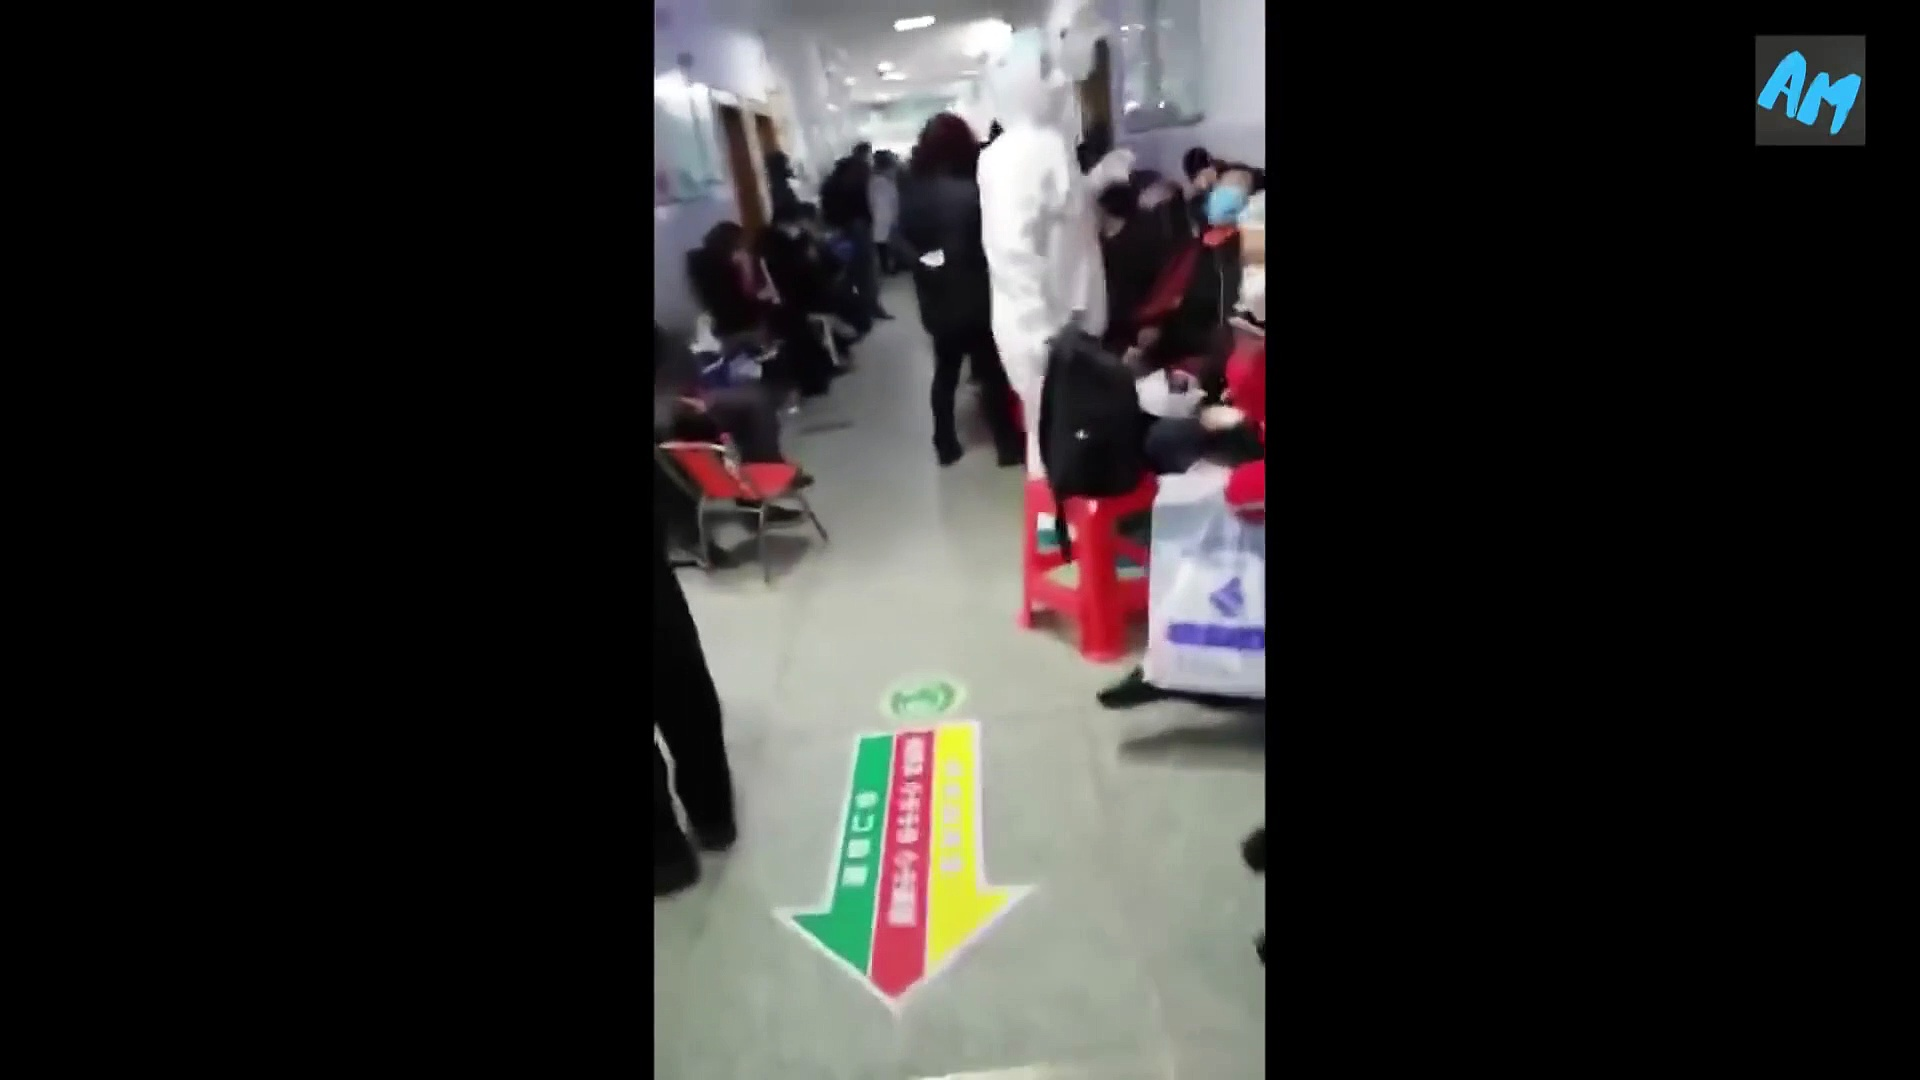 DELETED – YOUTUBE CORONAVIRUS CHINA LEAKED VIDEO